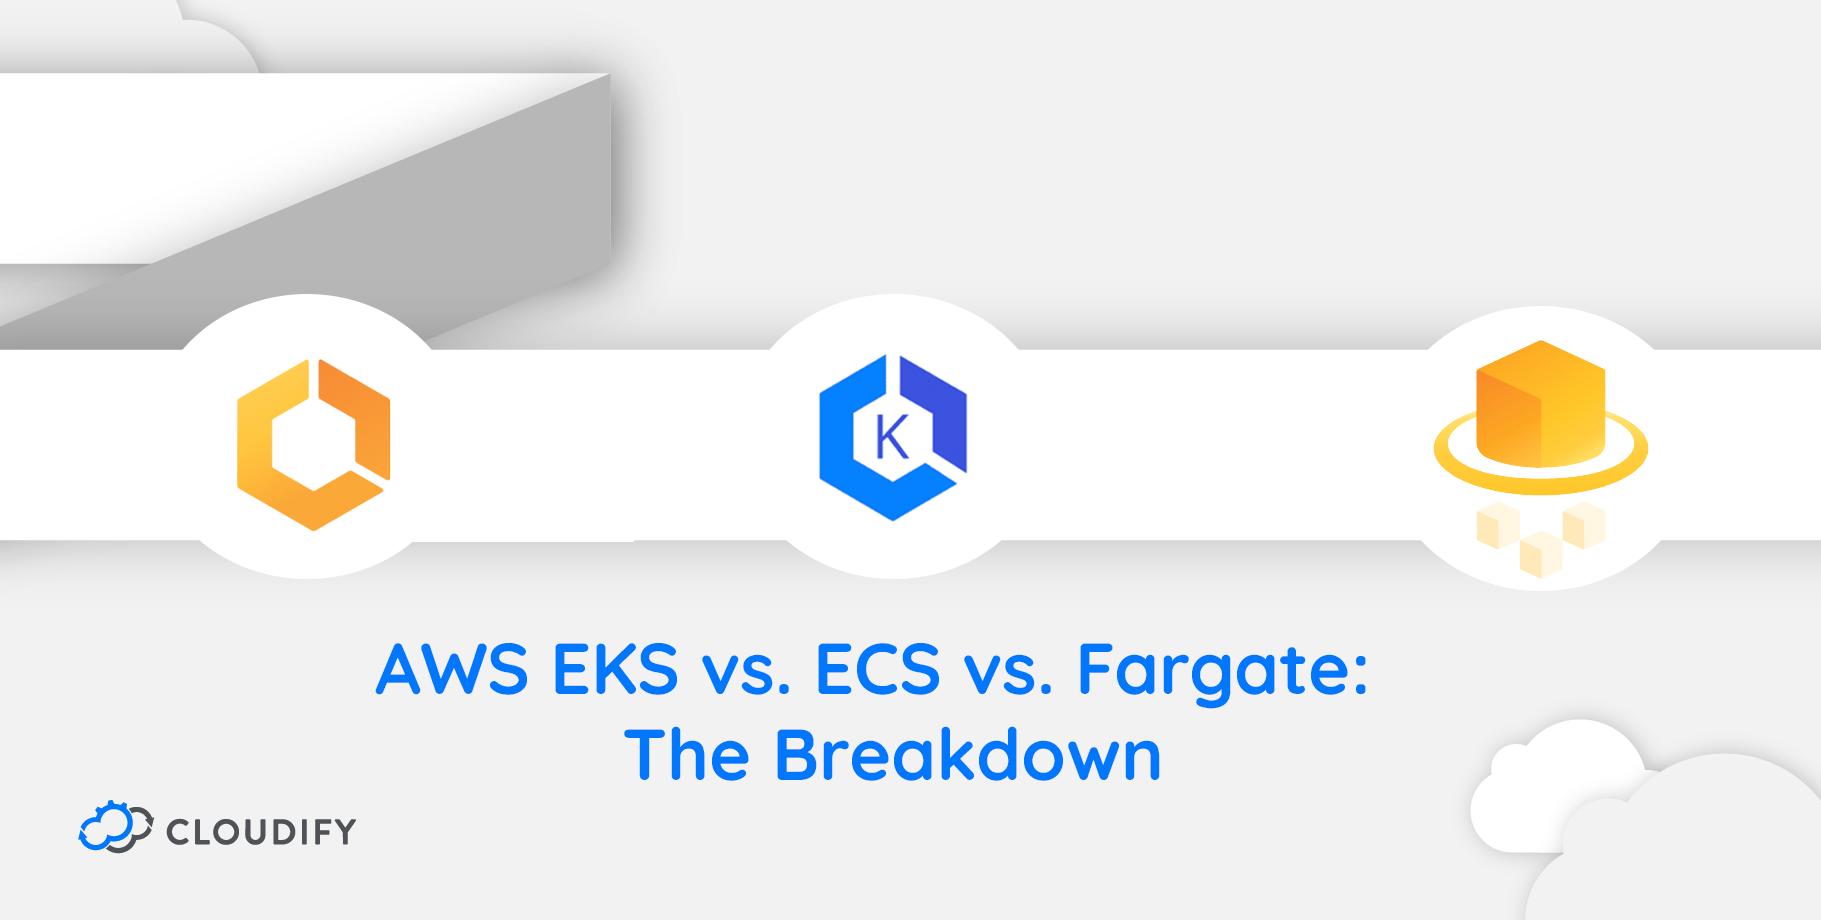 AWS-EKS-VS-ECS-VS-FARGATE